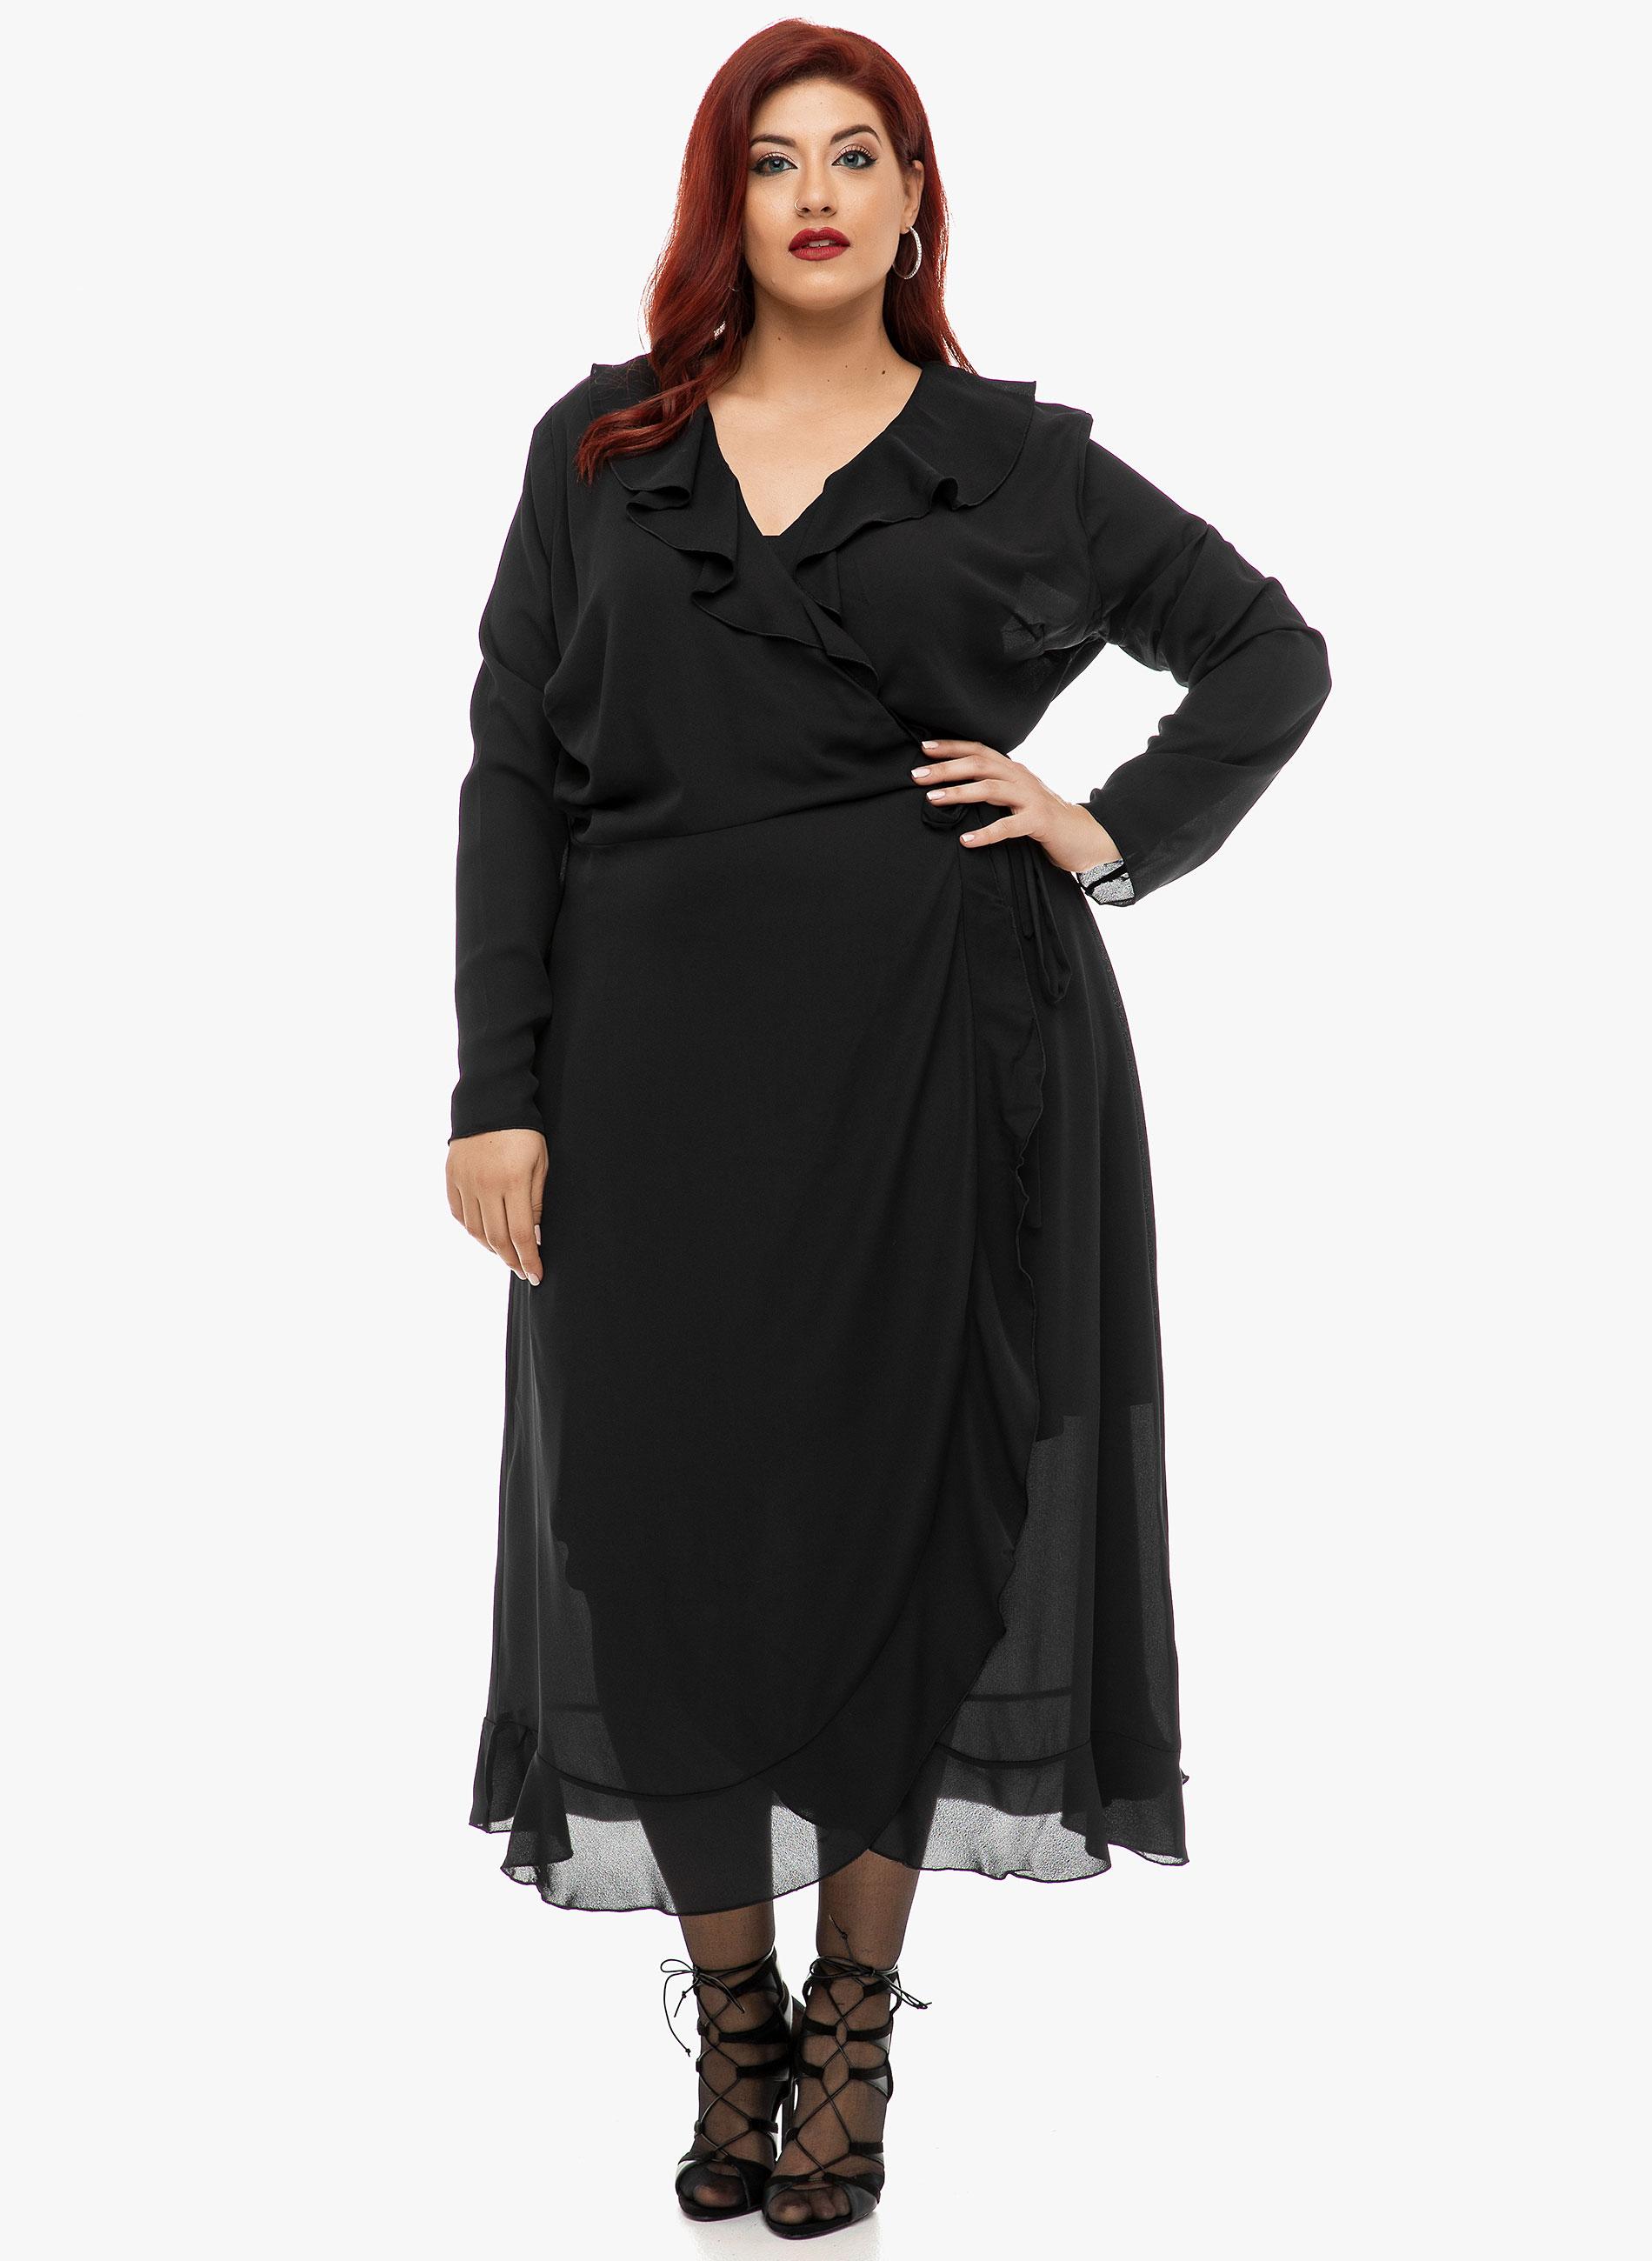 Μαύρο Κρουαζέ Φόρεμα με Ξεχωριστό Μεσοφόρι